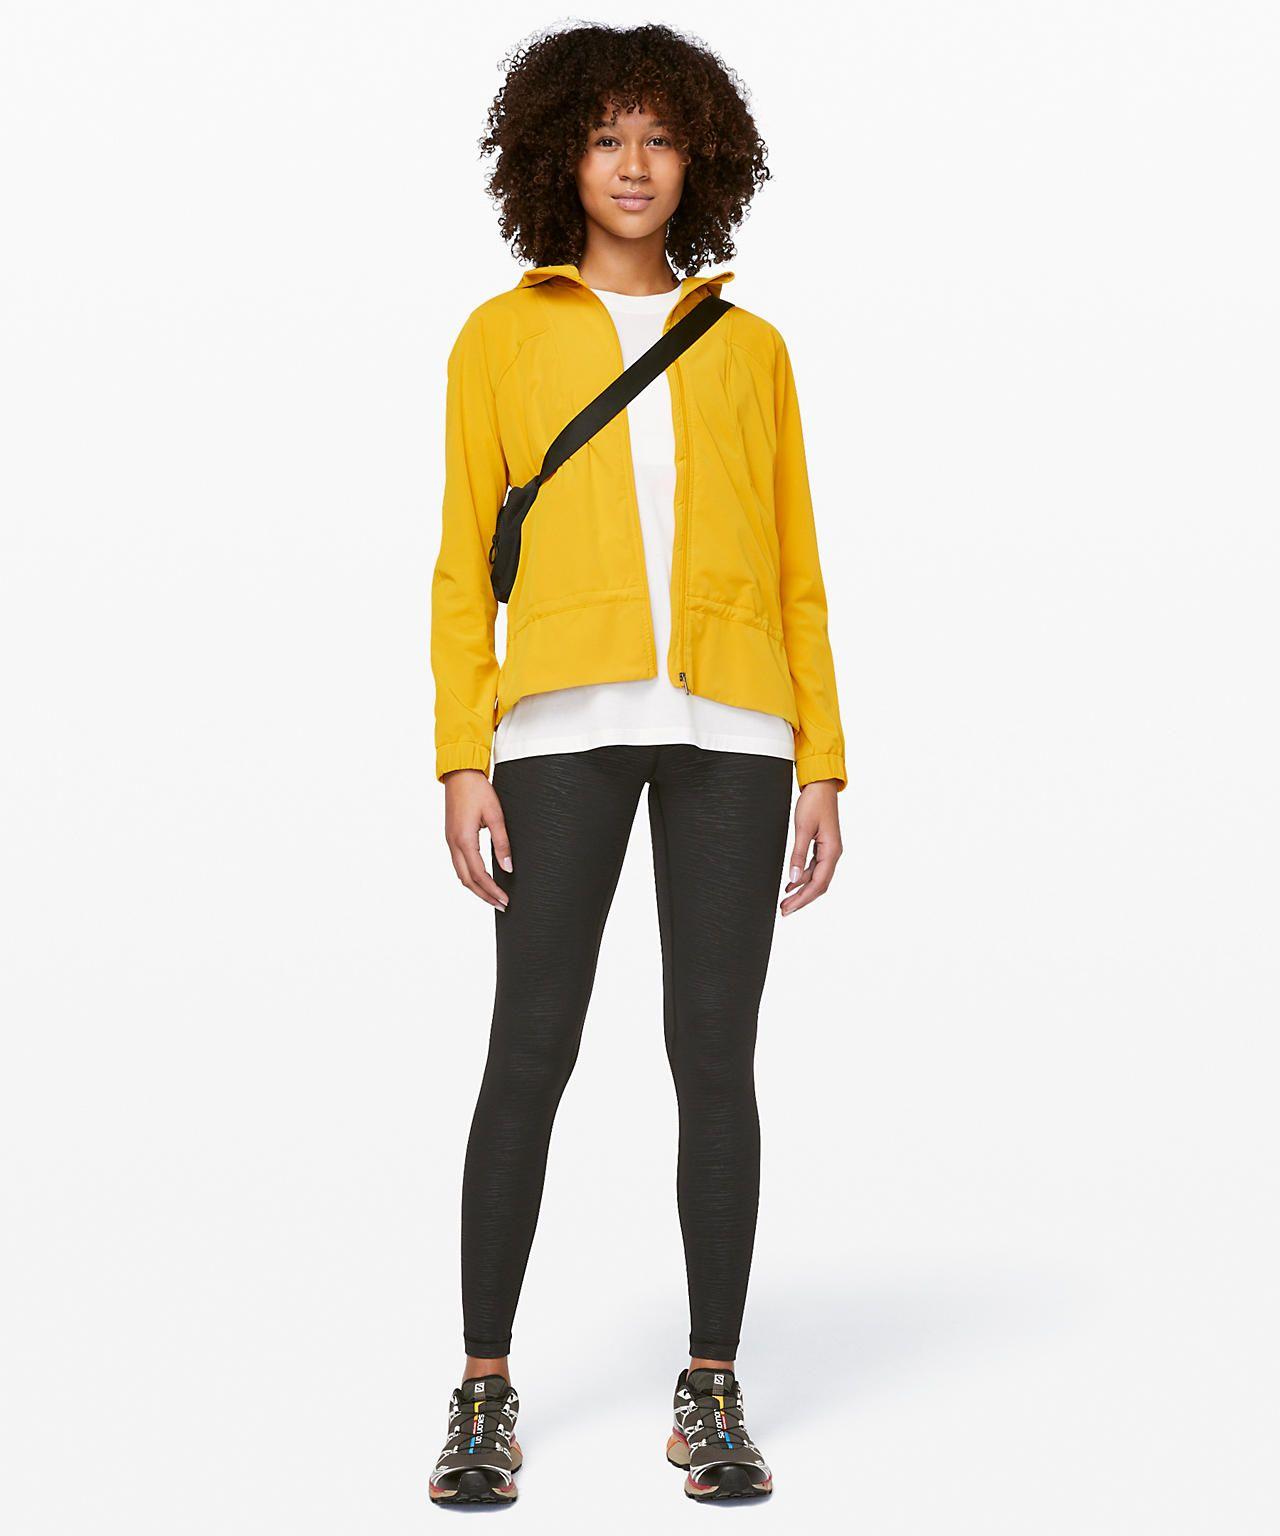 Pack It Up Jacket Women S Jackets Outerwear Lululemon Jackets For Women Outerwear Jackets Outerwear [ 1536 x 1280 Pixel ]